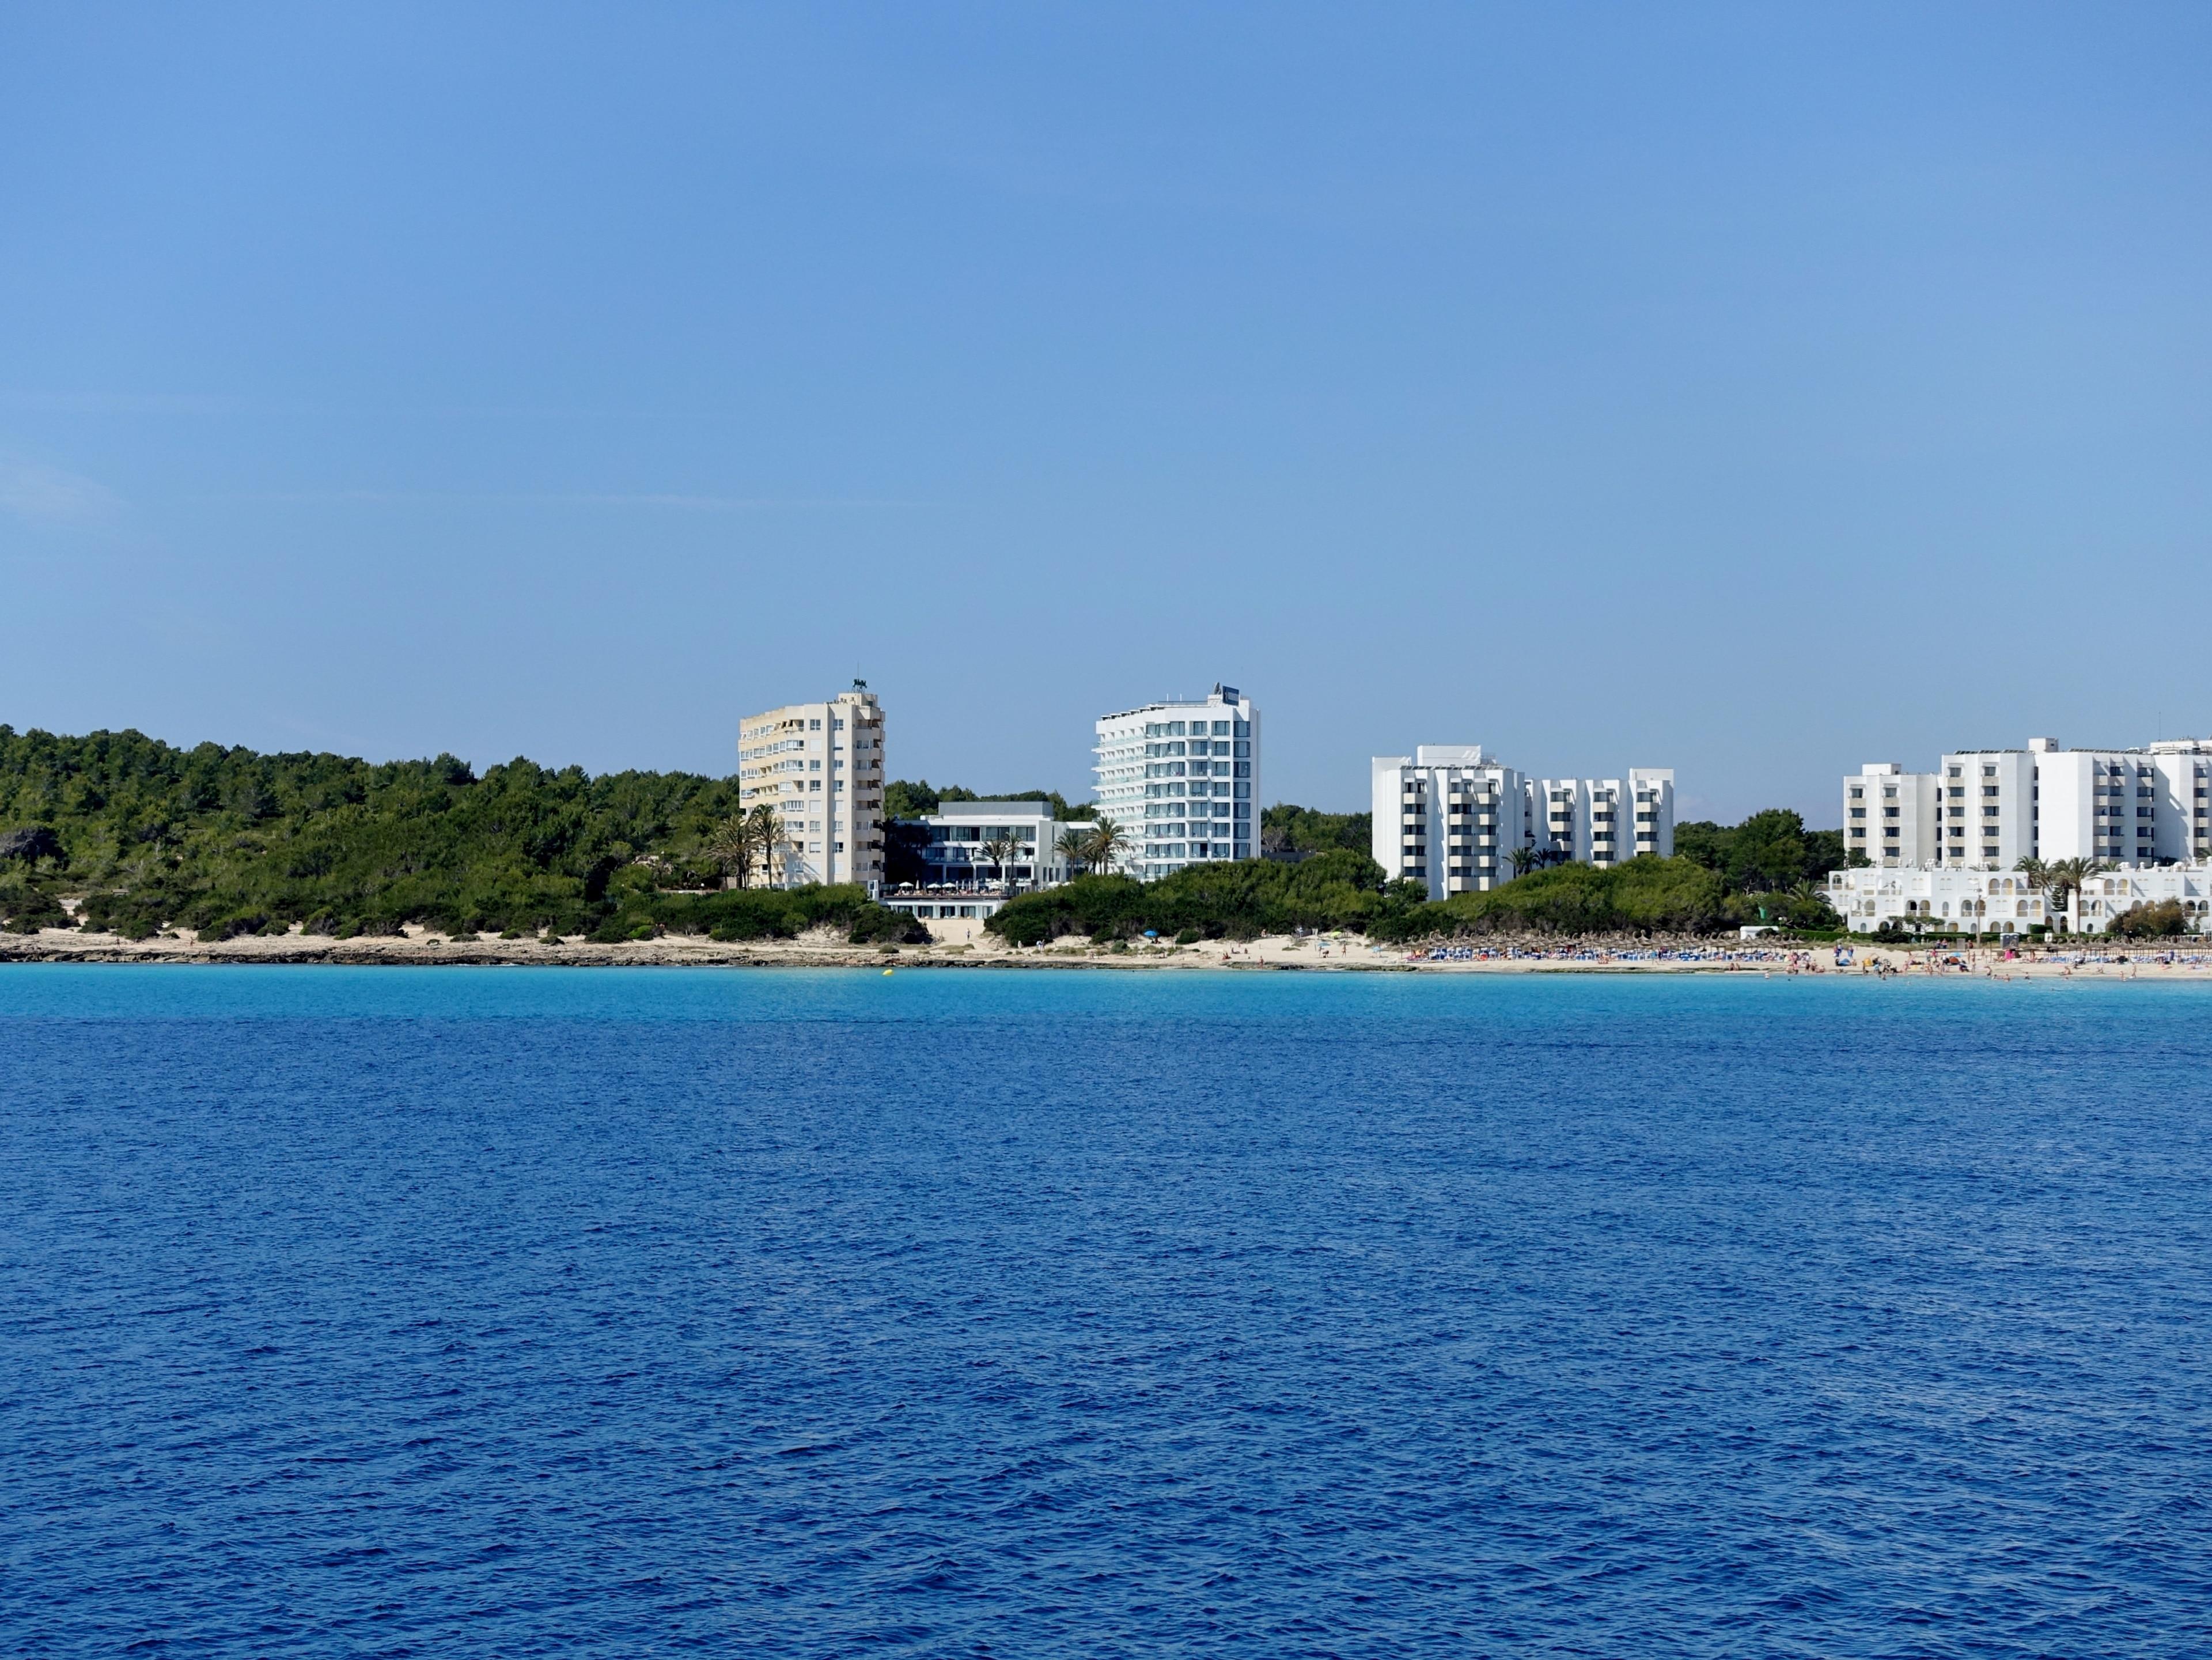 Cala Millor Beach, Sant Llorenc des Cardassar, Balearic Islands, Spain